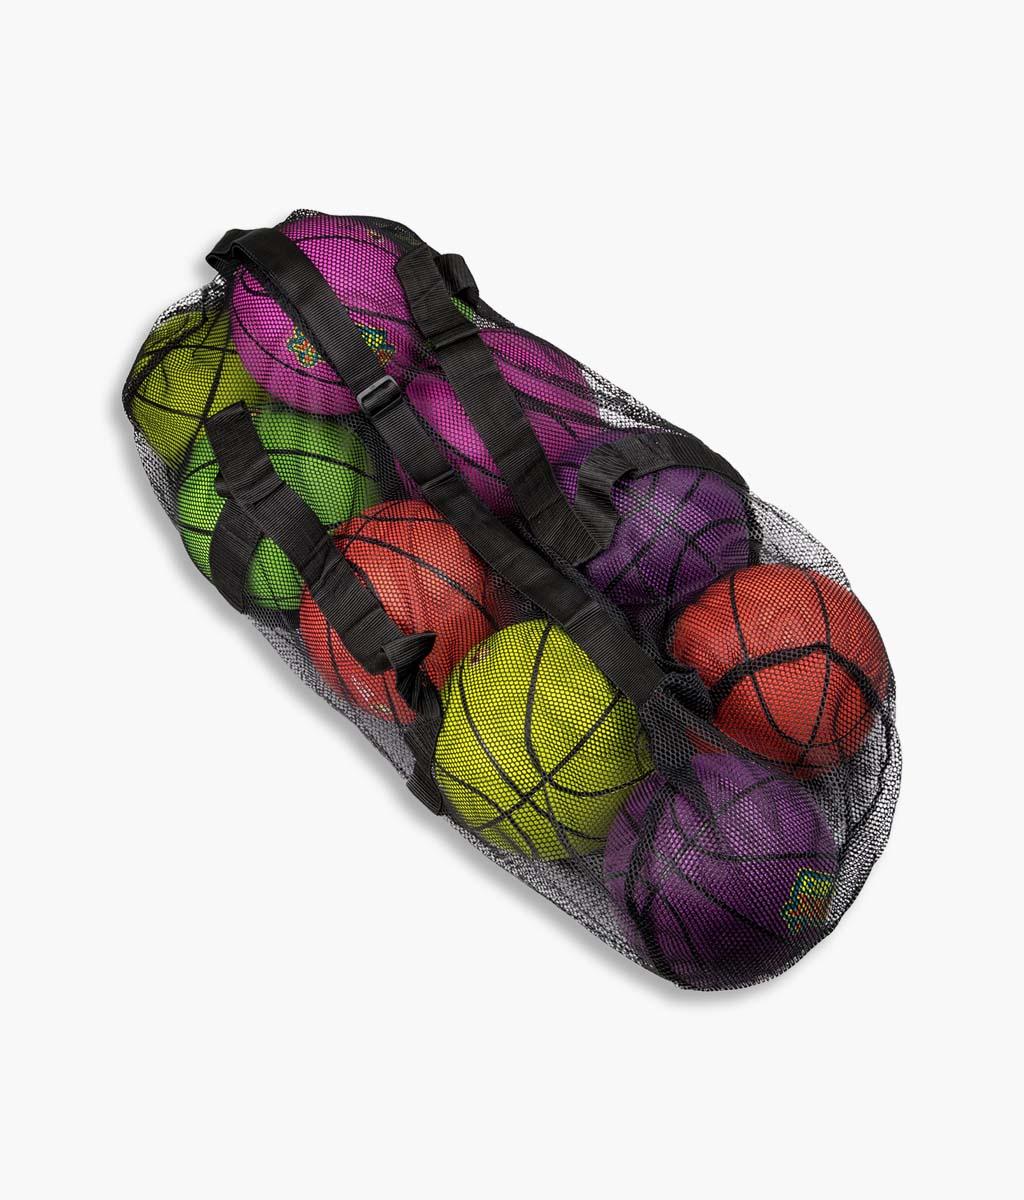 Mesh Sports Ball Bag with Adjustable Shoulder Strap